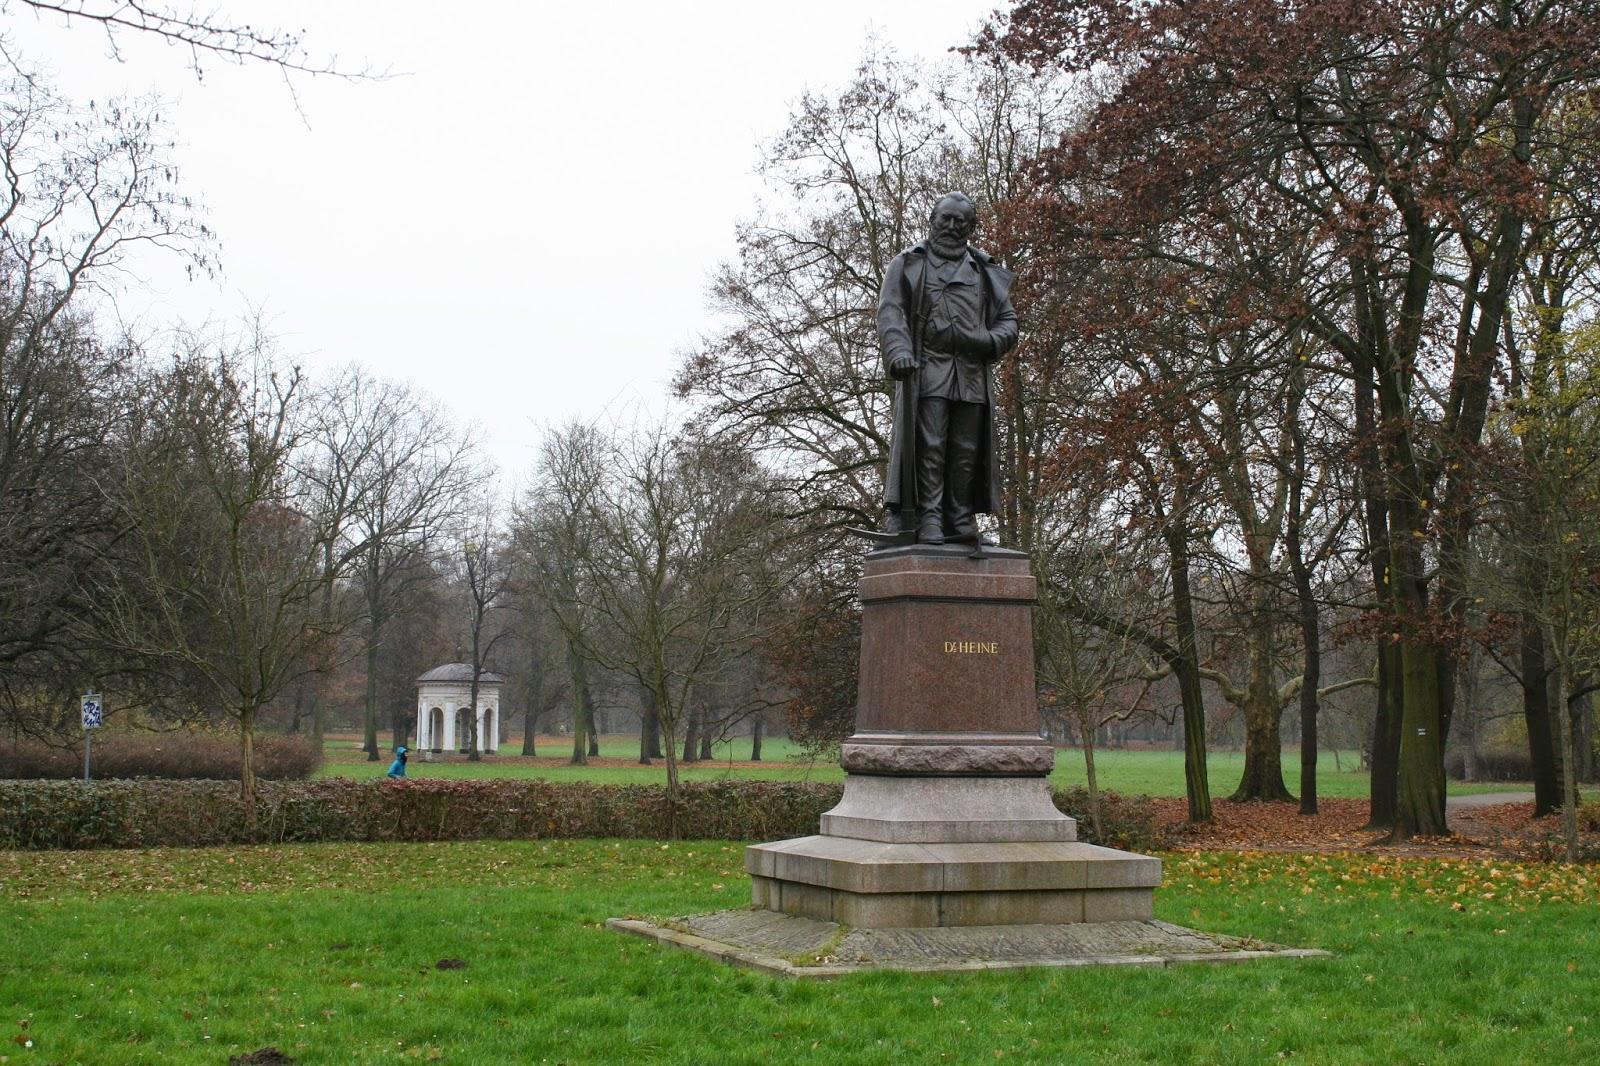 Als Metallspende wurde das ehemalige Denkmal leider im Zuge Krieges für die deutsche Rüstung 1942 abgenommen und 1943 eingeschmolzen - erst seit 2001 steht das Karl-Heine-Denkmal wieder da wie einst - links im Hintergrund der Pavillon aus Gerhards Garten im Clara-Zetkin-Park